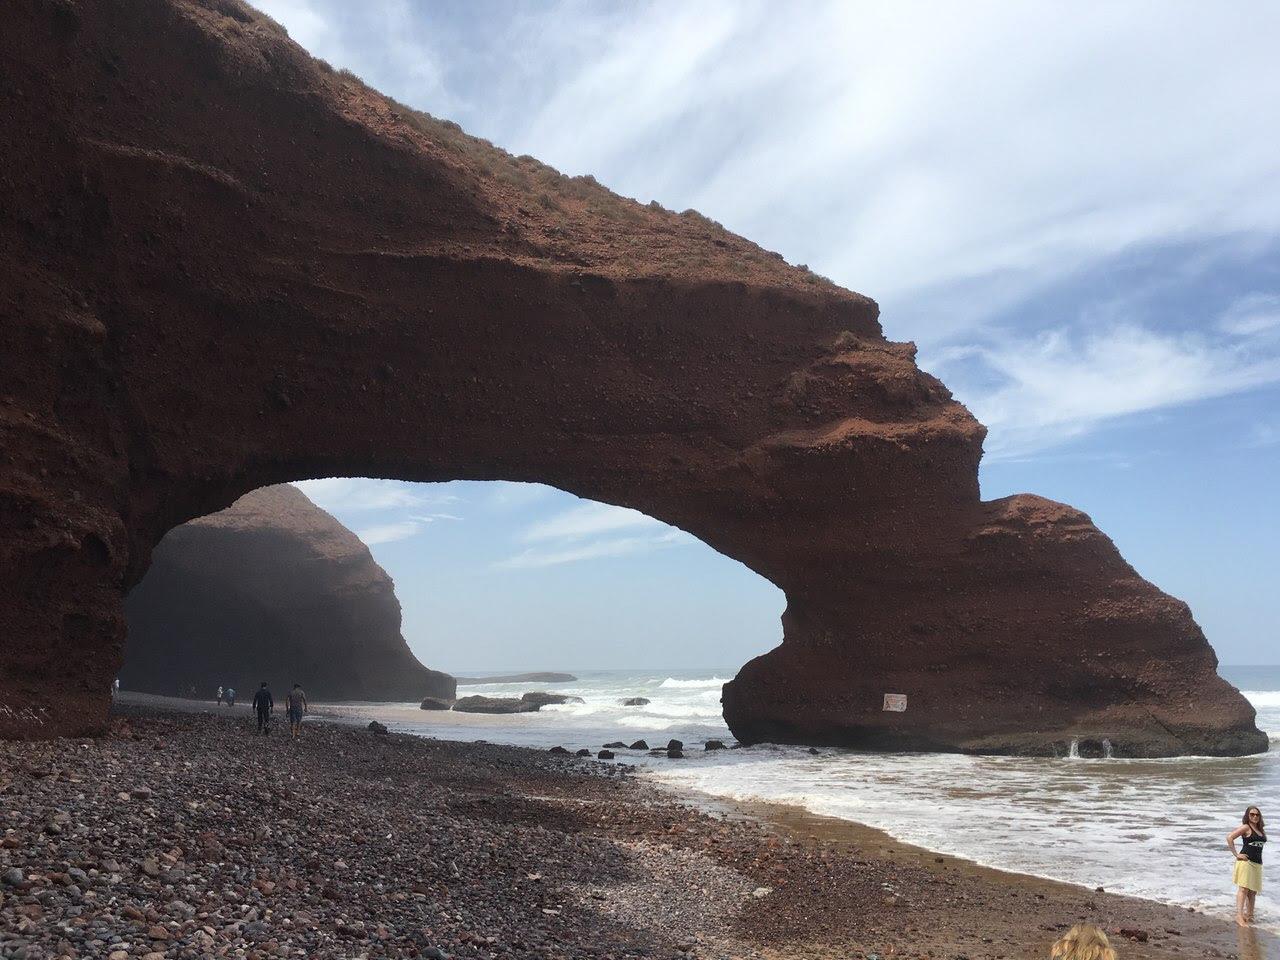 arches Legzira effondrement, arche Legzira effondrement, un des deux arcs à Legzira effondrées, Maroc: L'juin des Deux arches rocheuses de Legzira effondrée, maroc Legzira arc effondrement